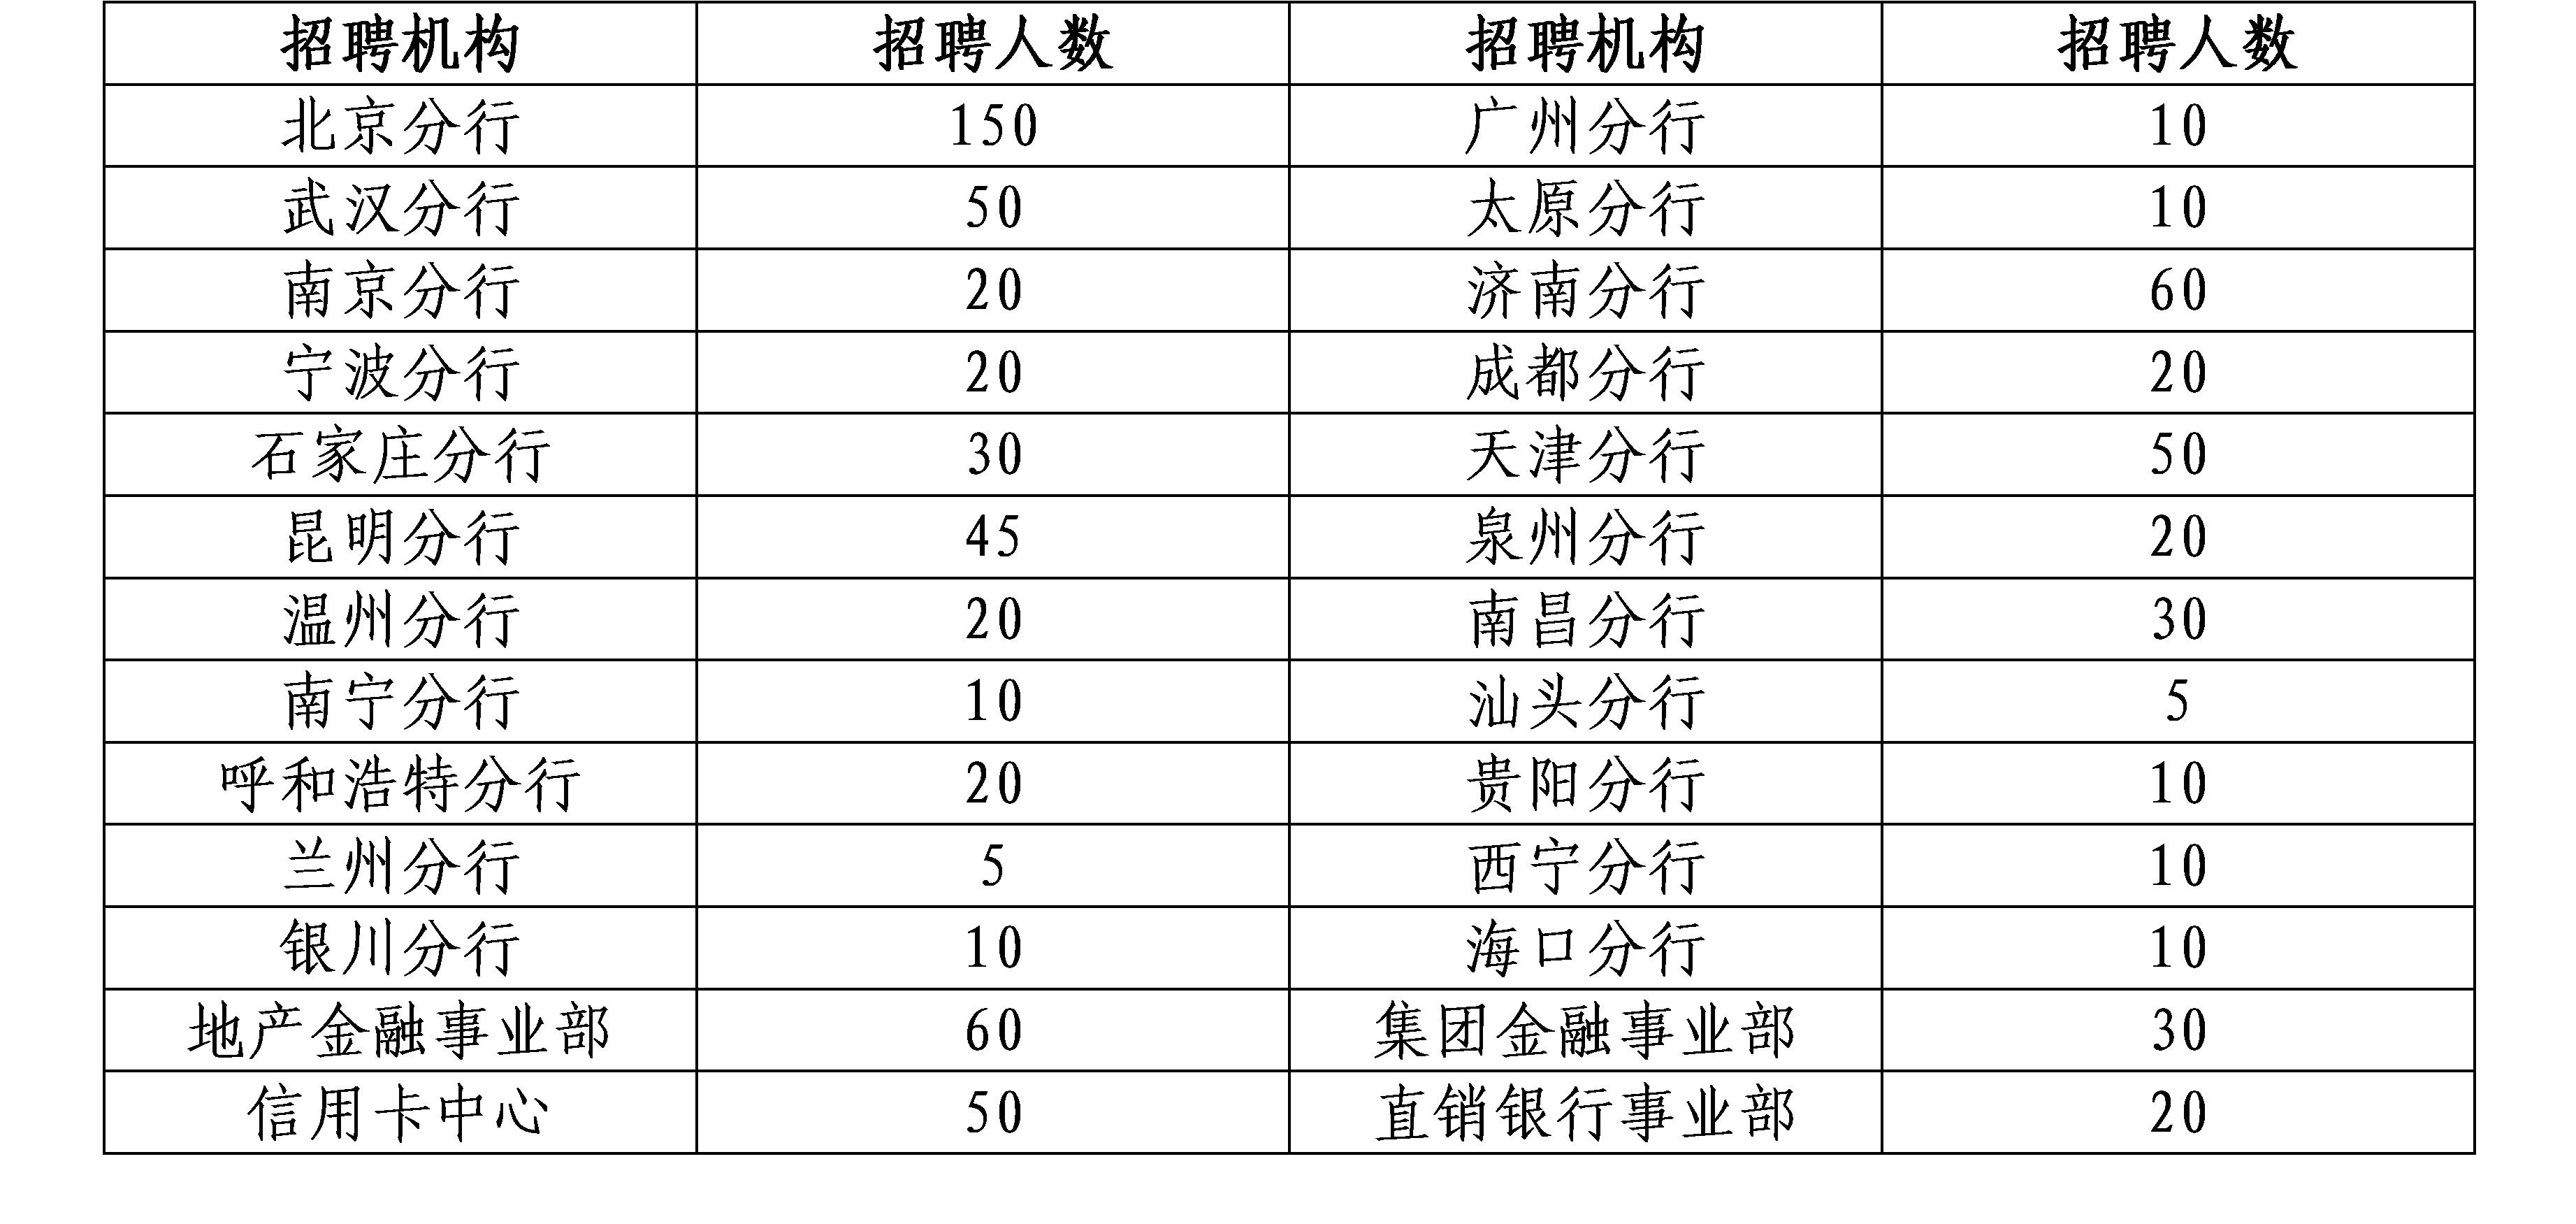 2019中国民生银行招聘人数